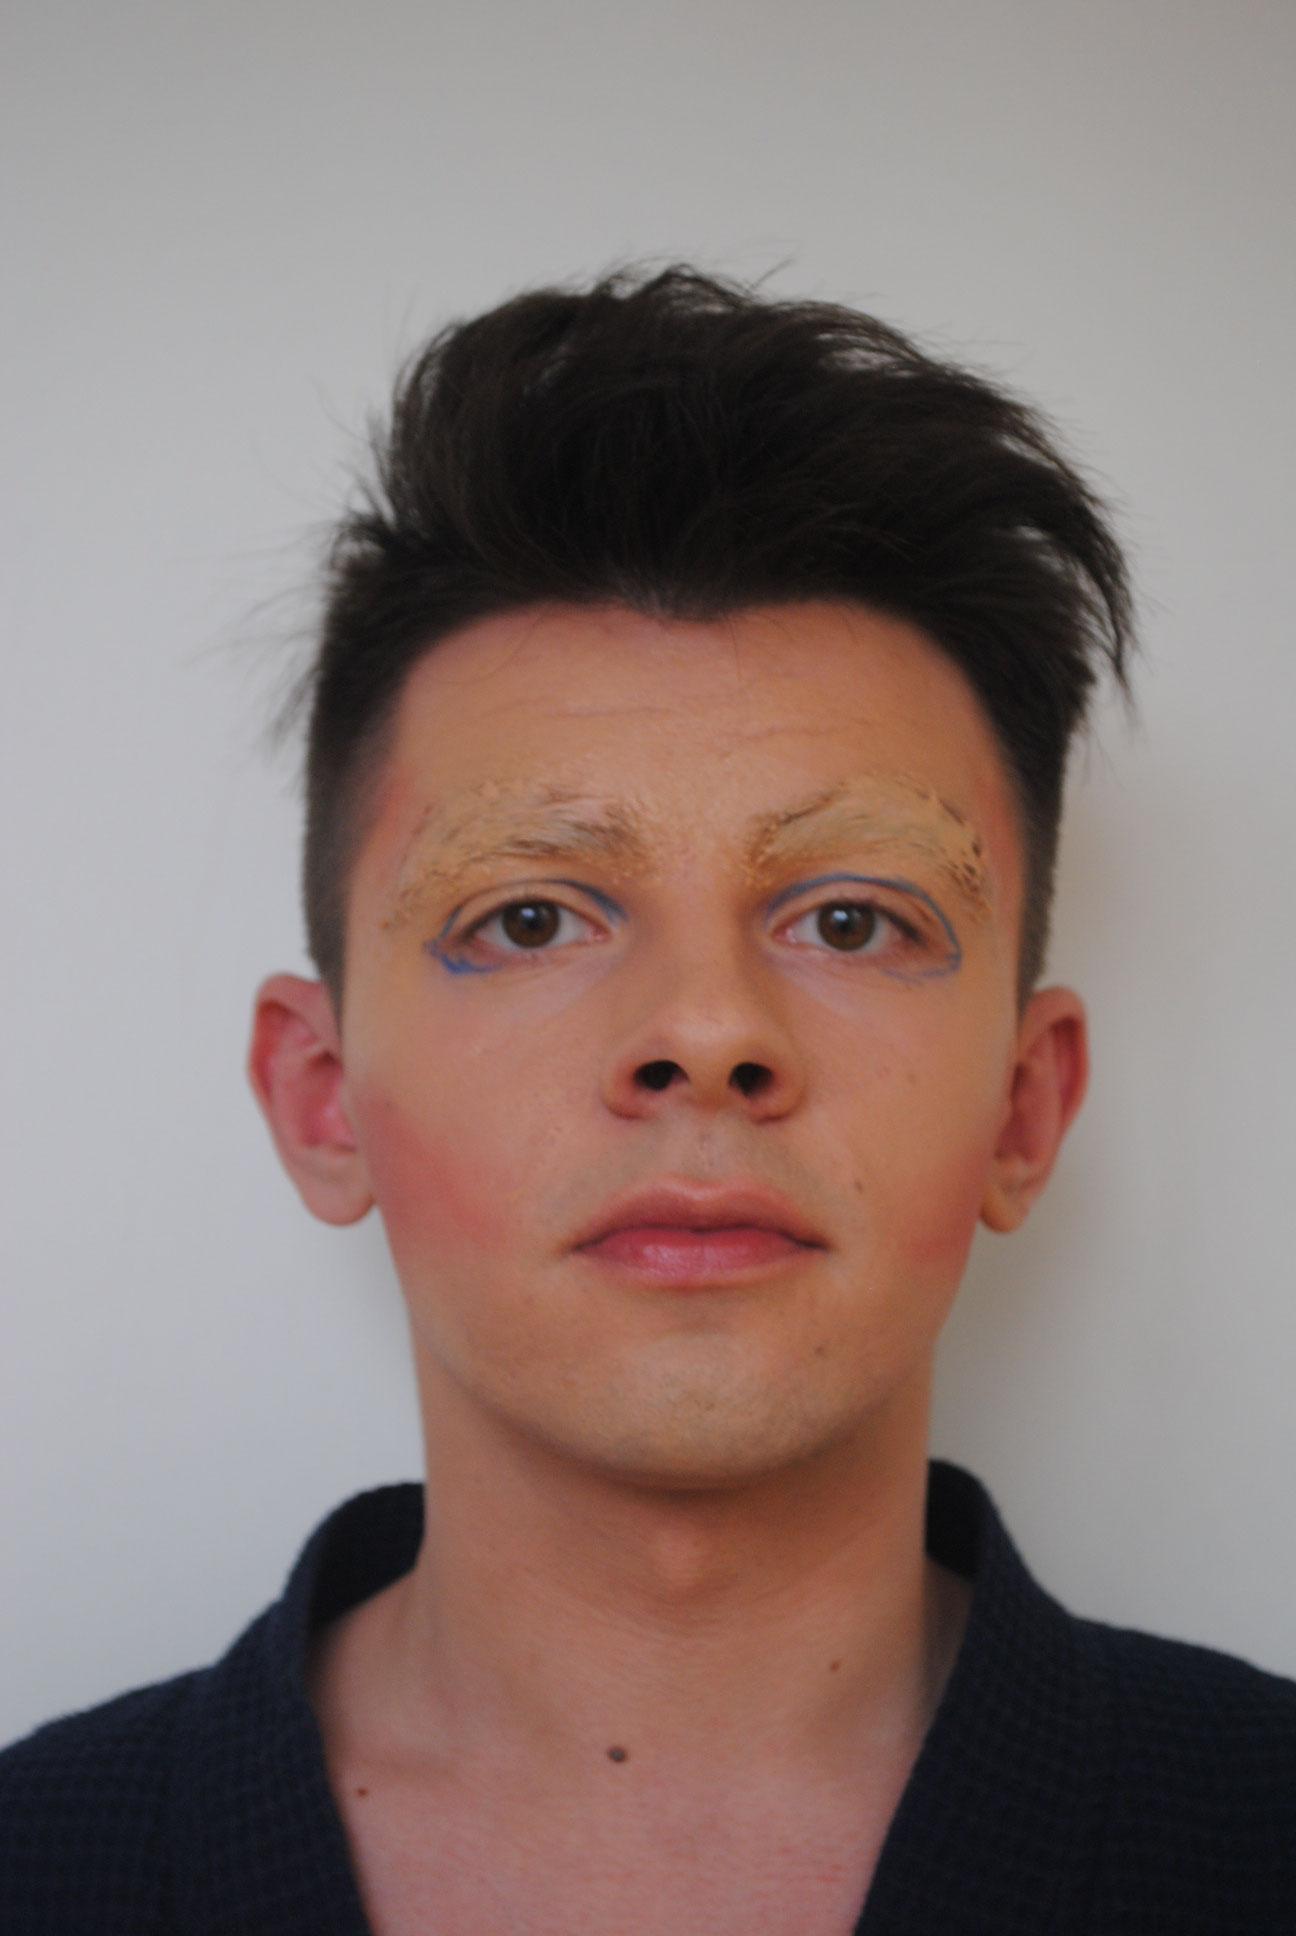 Schritt 4: Die Lidlinie vorziehen mit einem blauen Eyeliner.